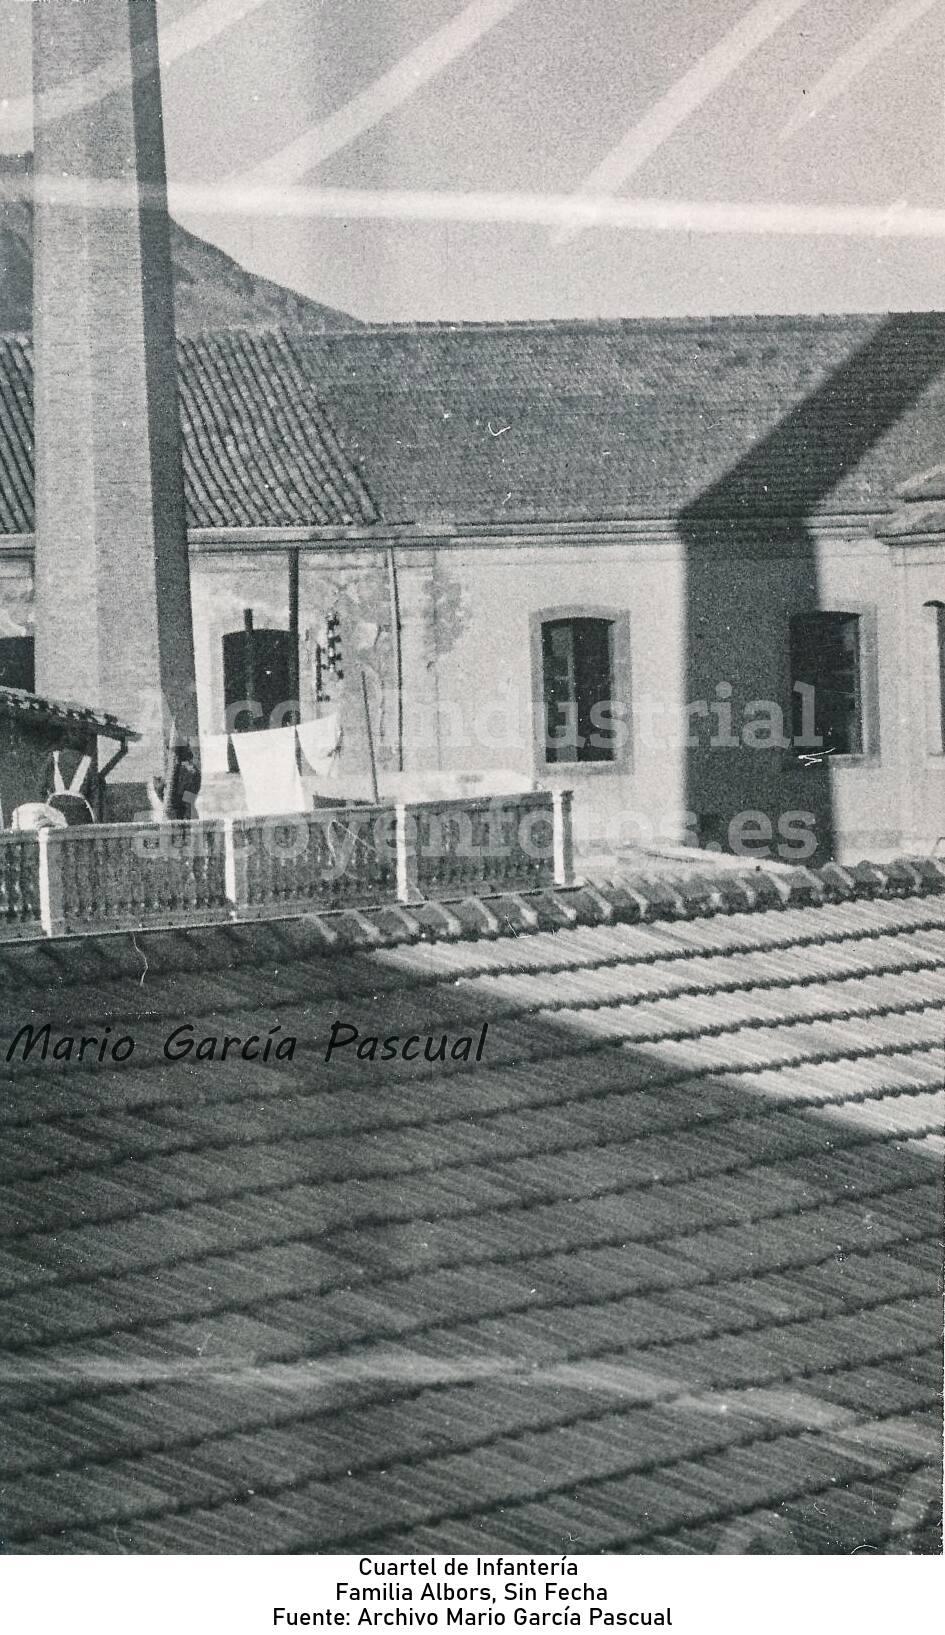 Cuartel de Infantería